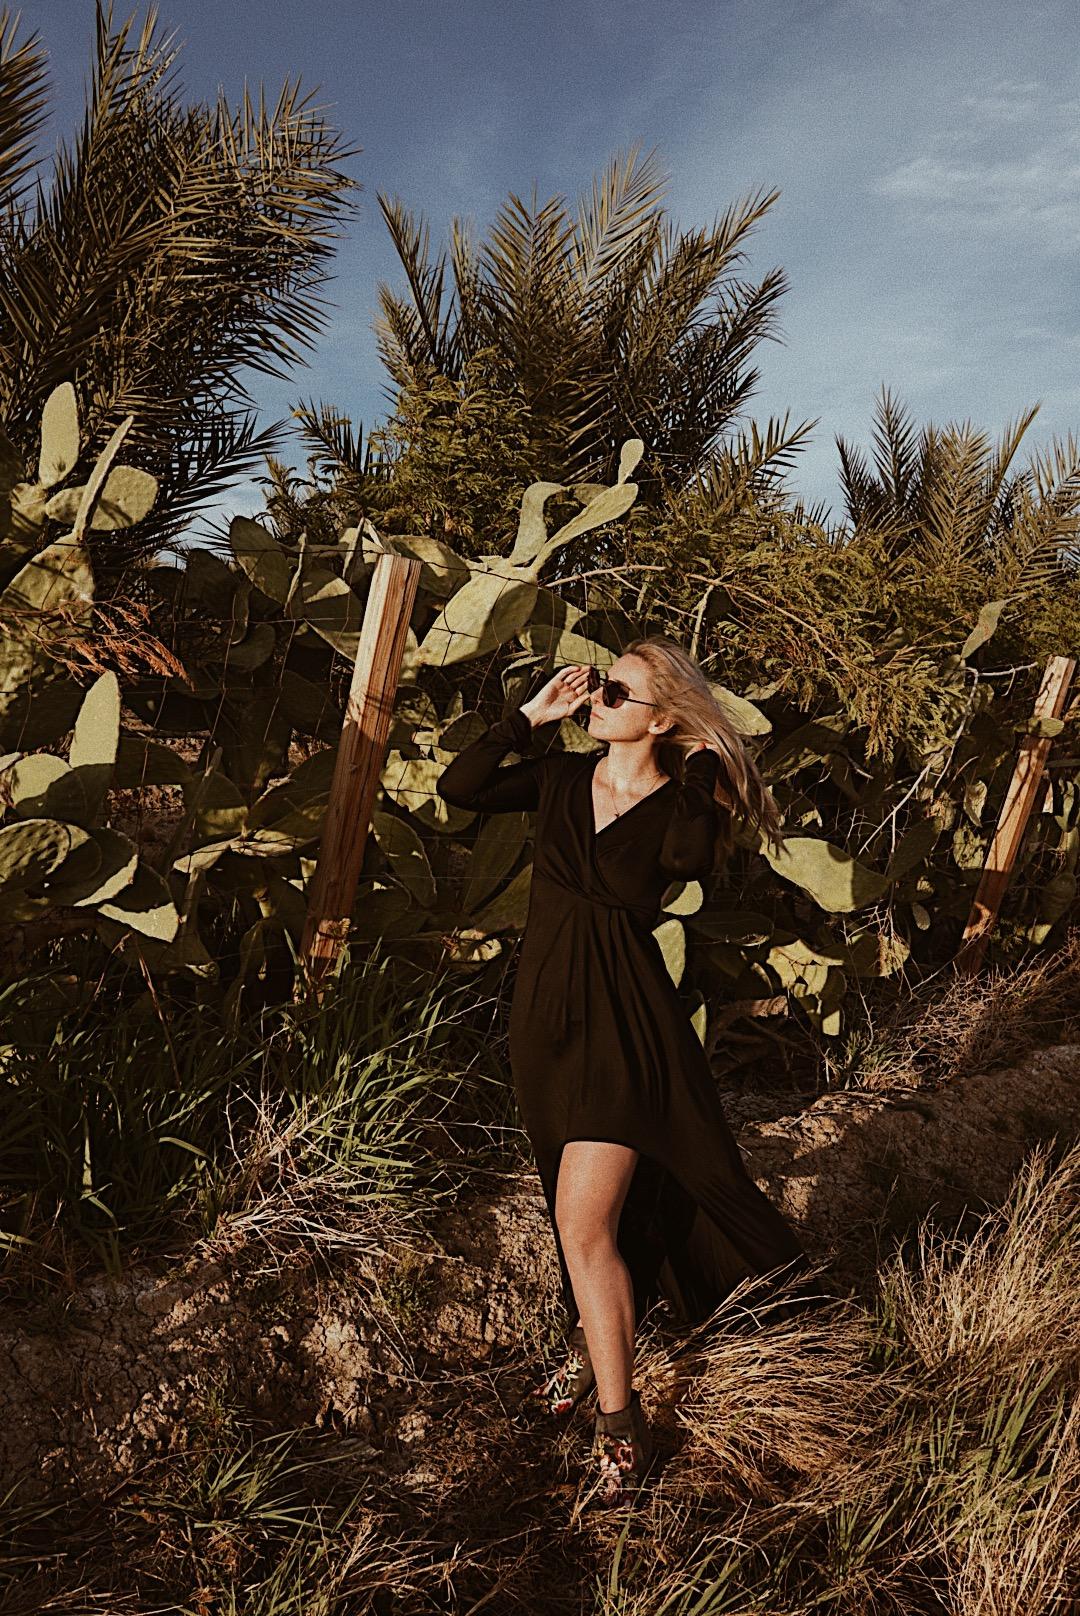 julia o test creative palm springs guide niland california